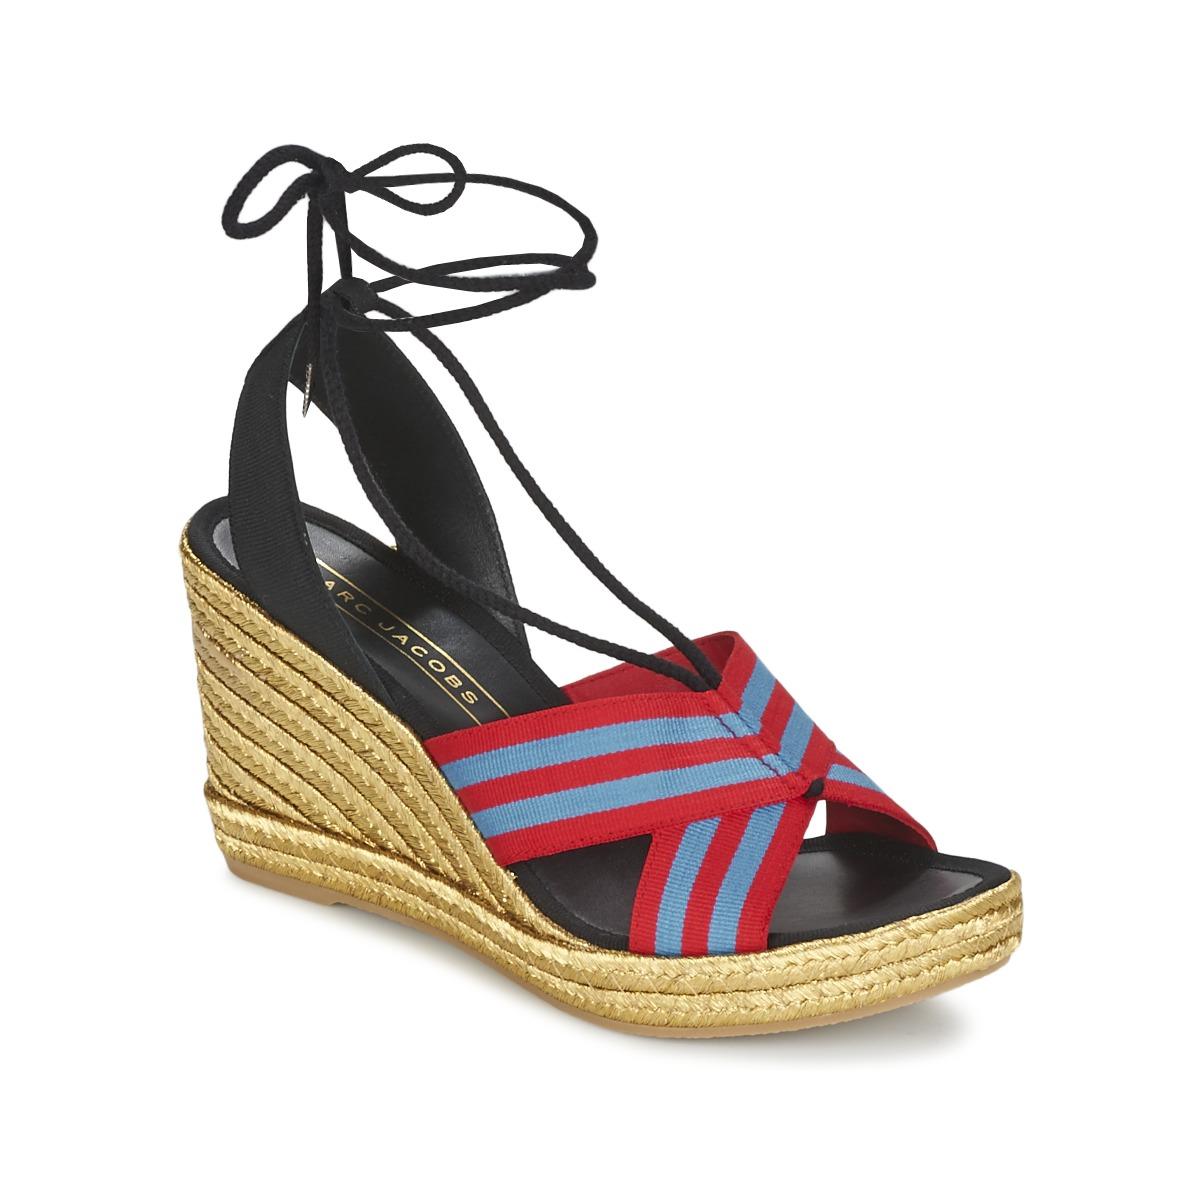 marc jacobs dani bleu rouge livraison gratuite avec chaussures sandale femme. Black Bedroom Furniture Sets. Home Design Ideas